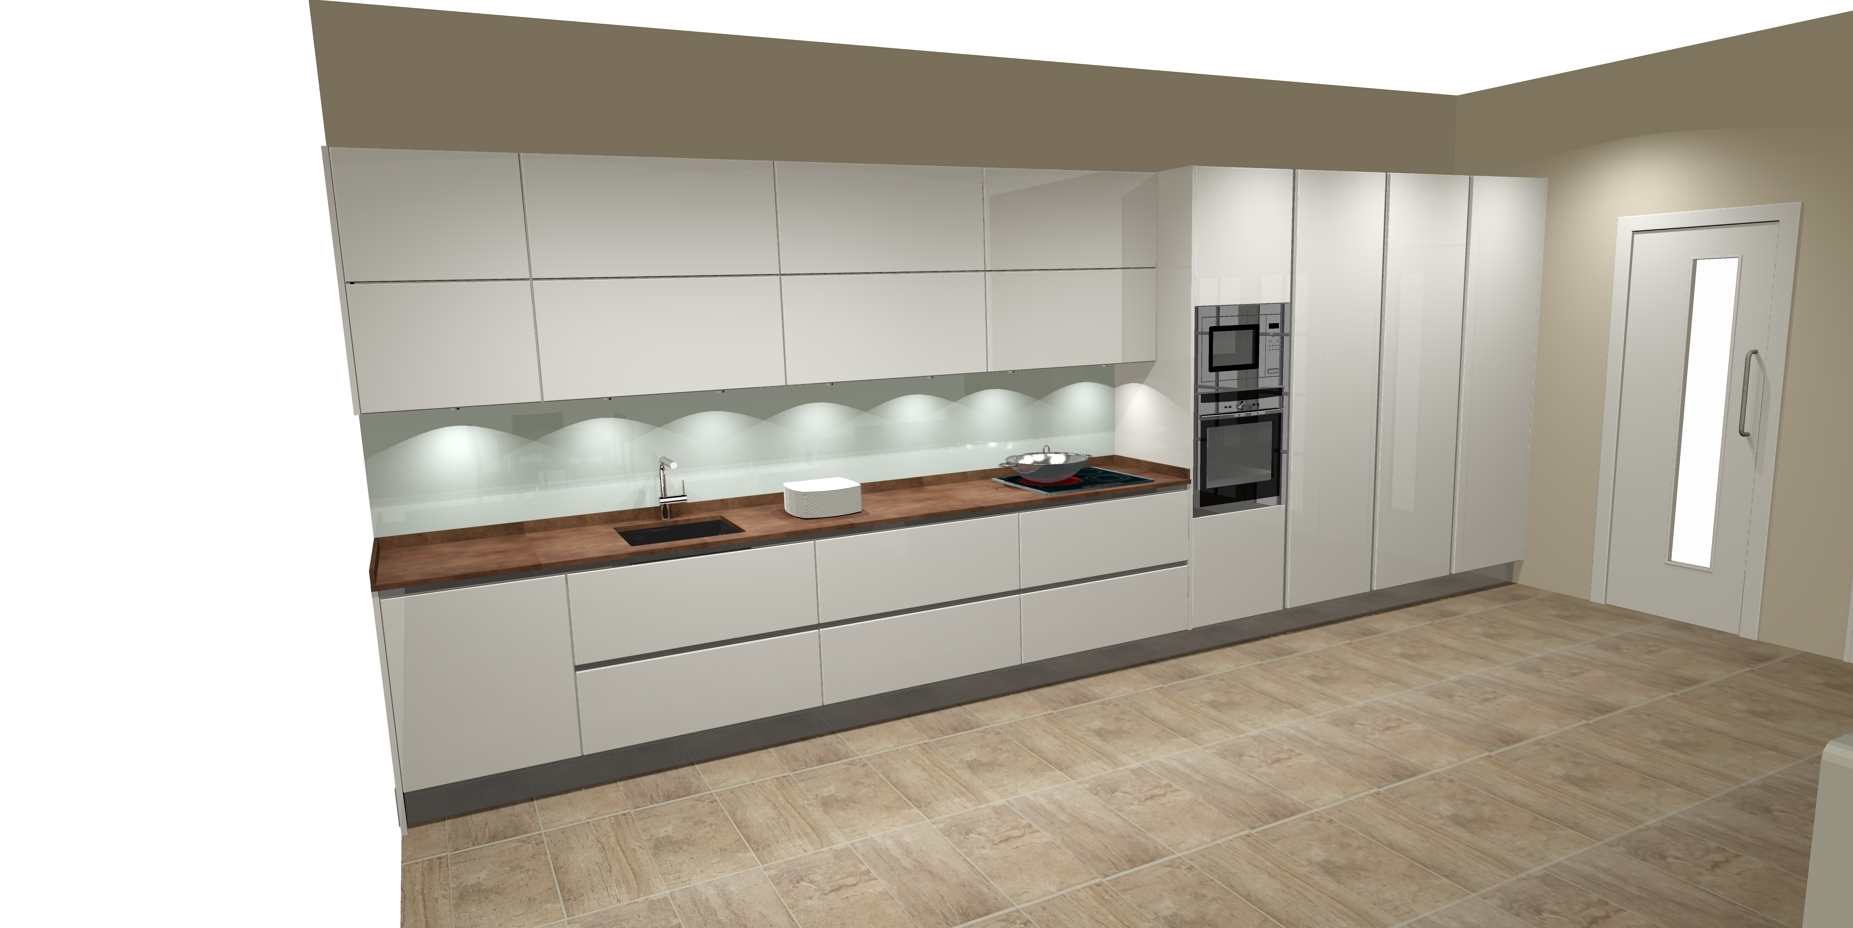 Dise os de cocinas lineales cocinas artnova sevilla - Exposicion de cocinas modernas ...